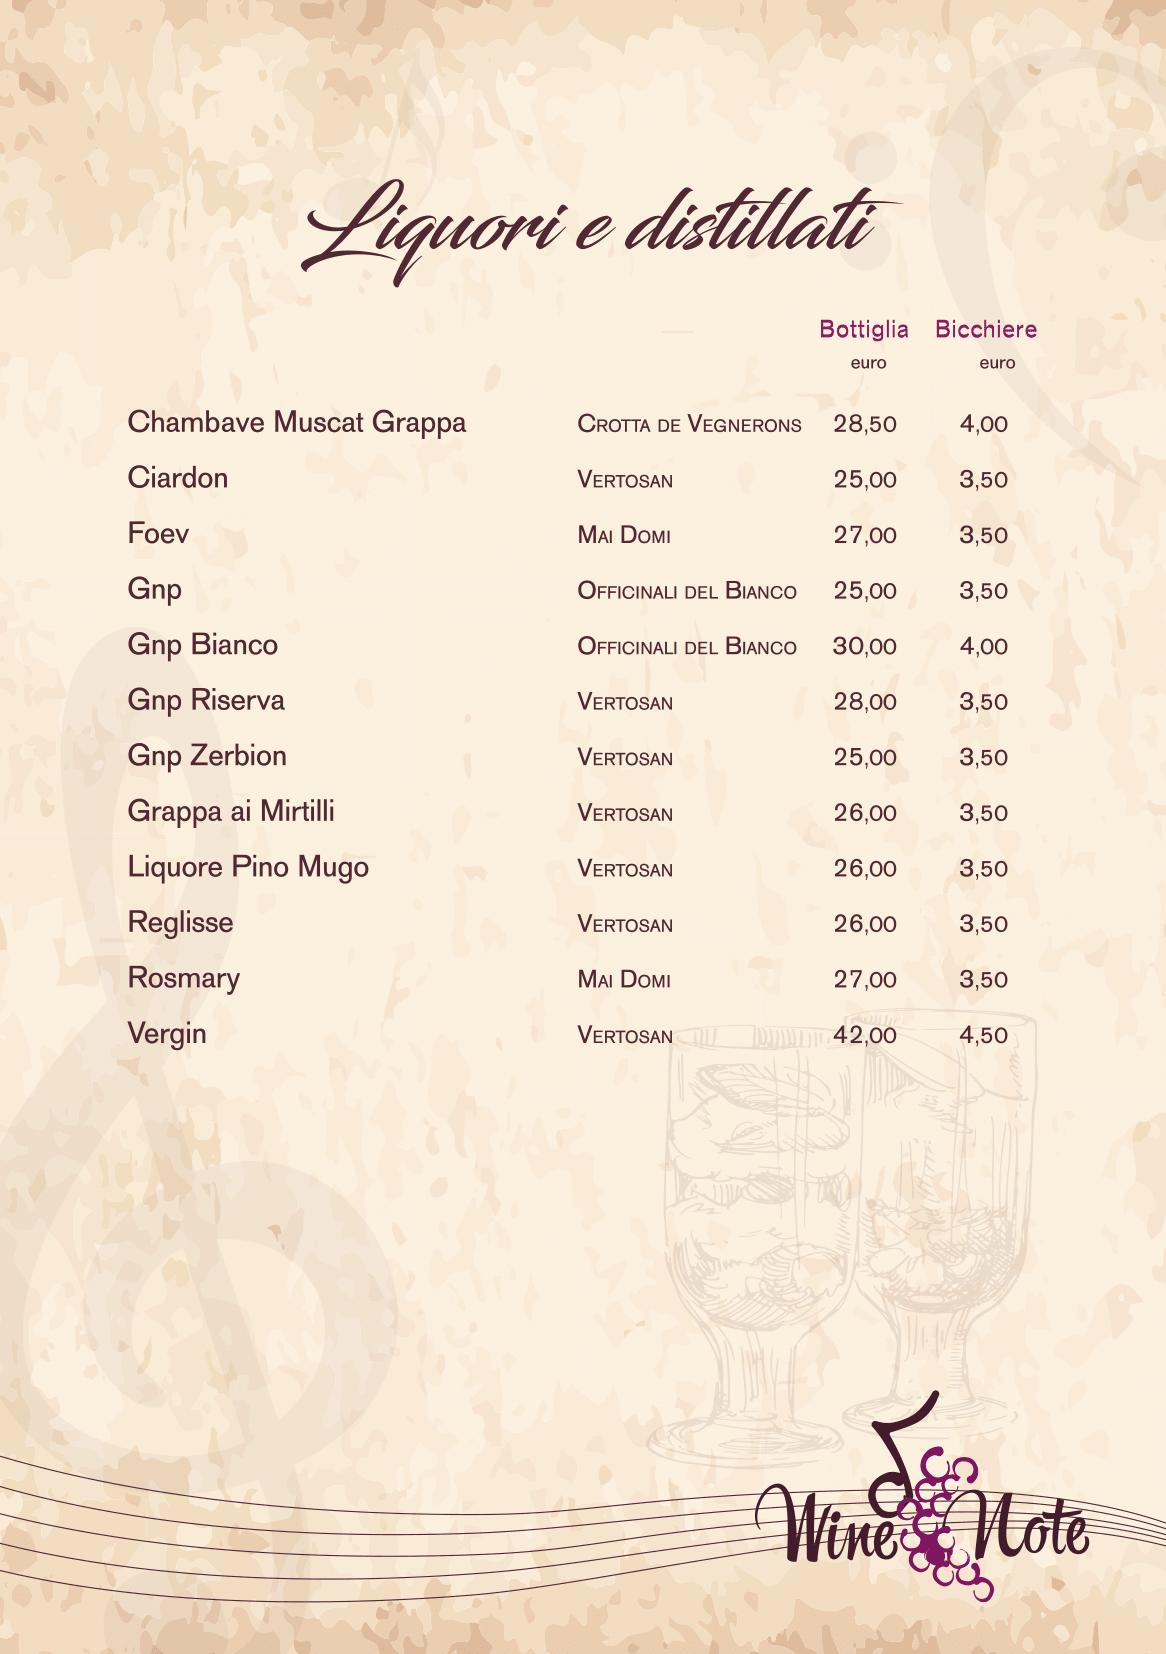 Wine note menu e vini A5-21